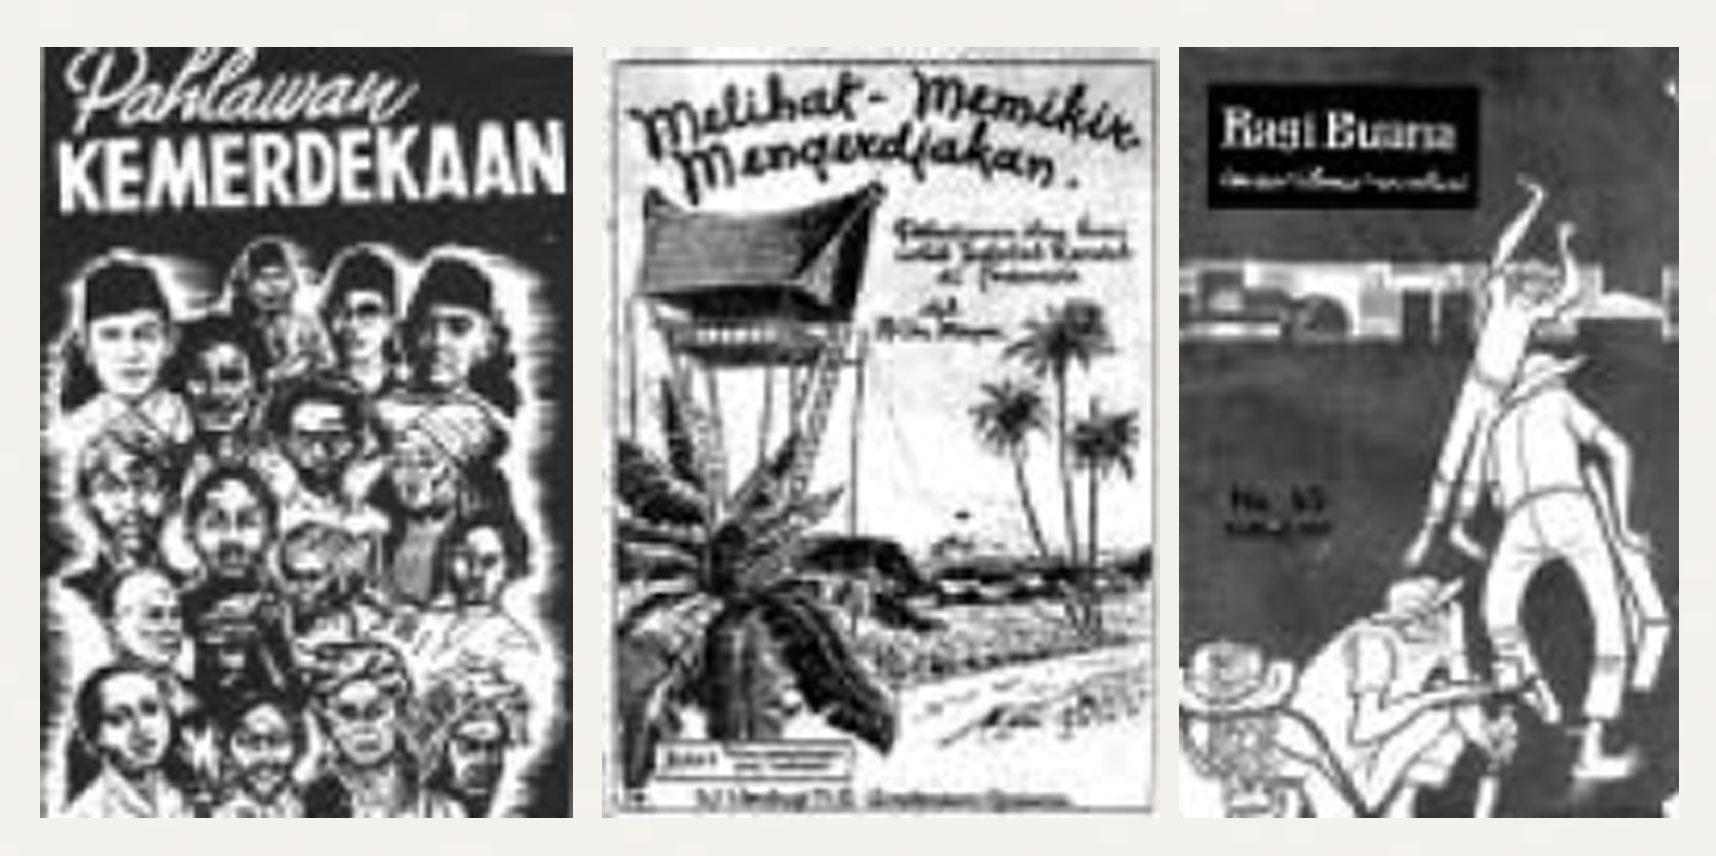 """Gambar 4. (a) Kulit muka buku """"Pahlawan Kemerdekaan"""" (1953); (b) Kulit muka buku pelajaran sekolah; (c) Kulit muka majalah """"Ragi Buana"""" tahun 1960-an."""